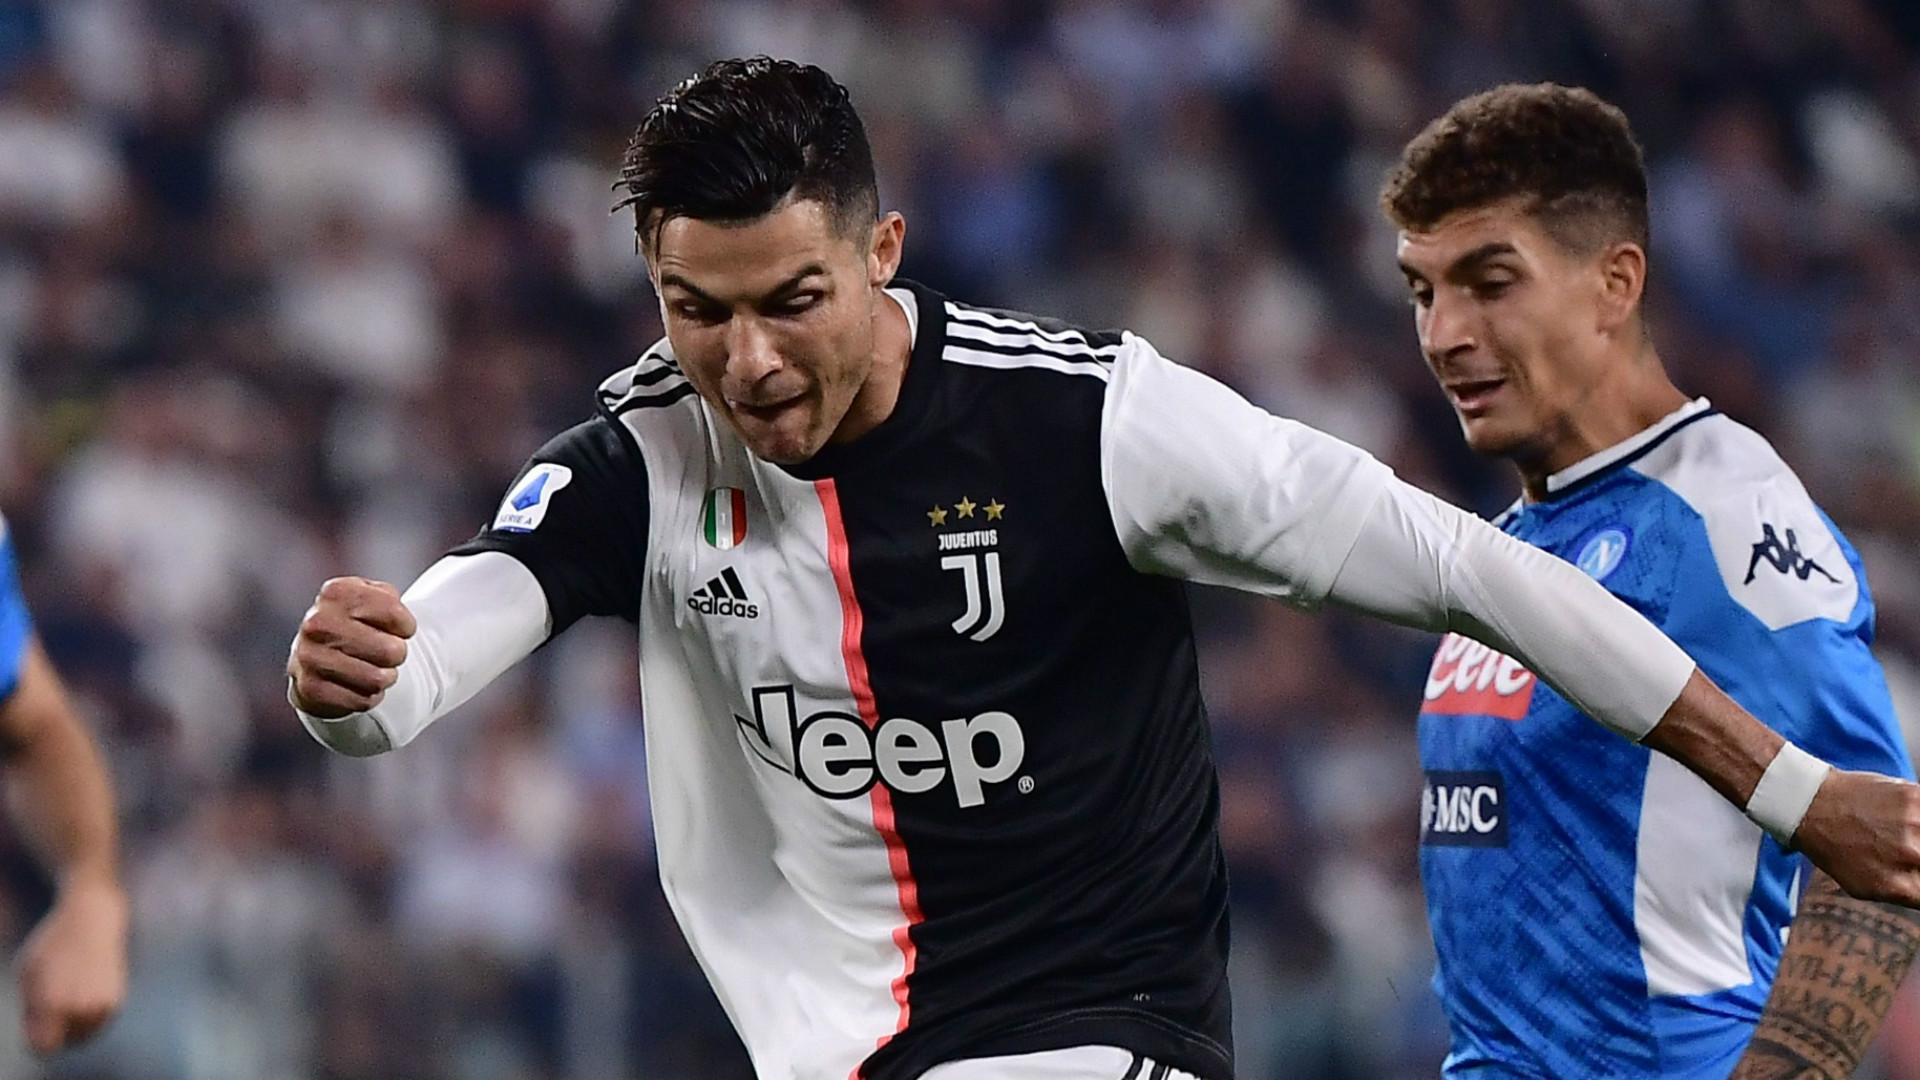 Ronaldo's 'head and professionalism' set him apart - Allegri